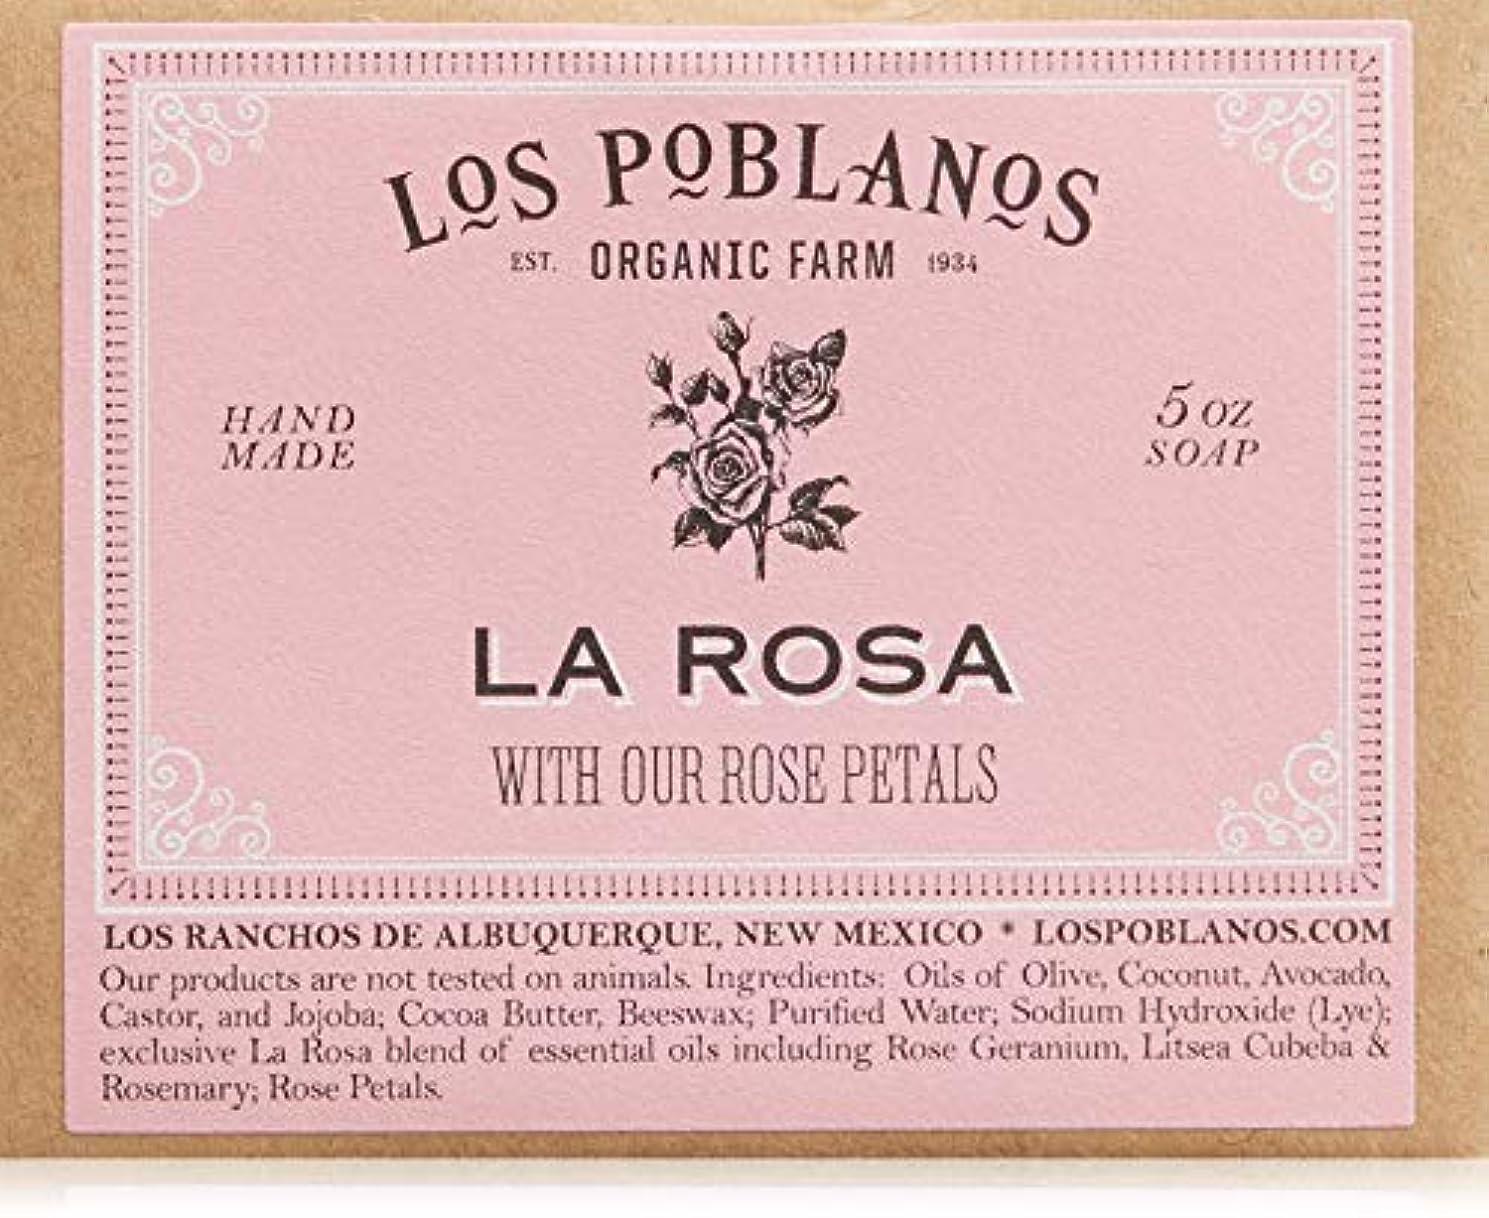 期待して駐地抑圧者LOS POBLANOS(ロス ポブラノス) ラ ロッサ 130g